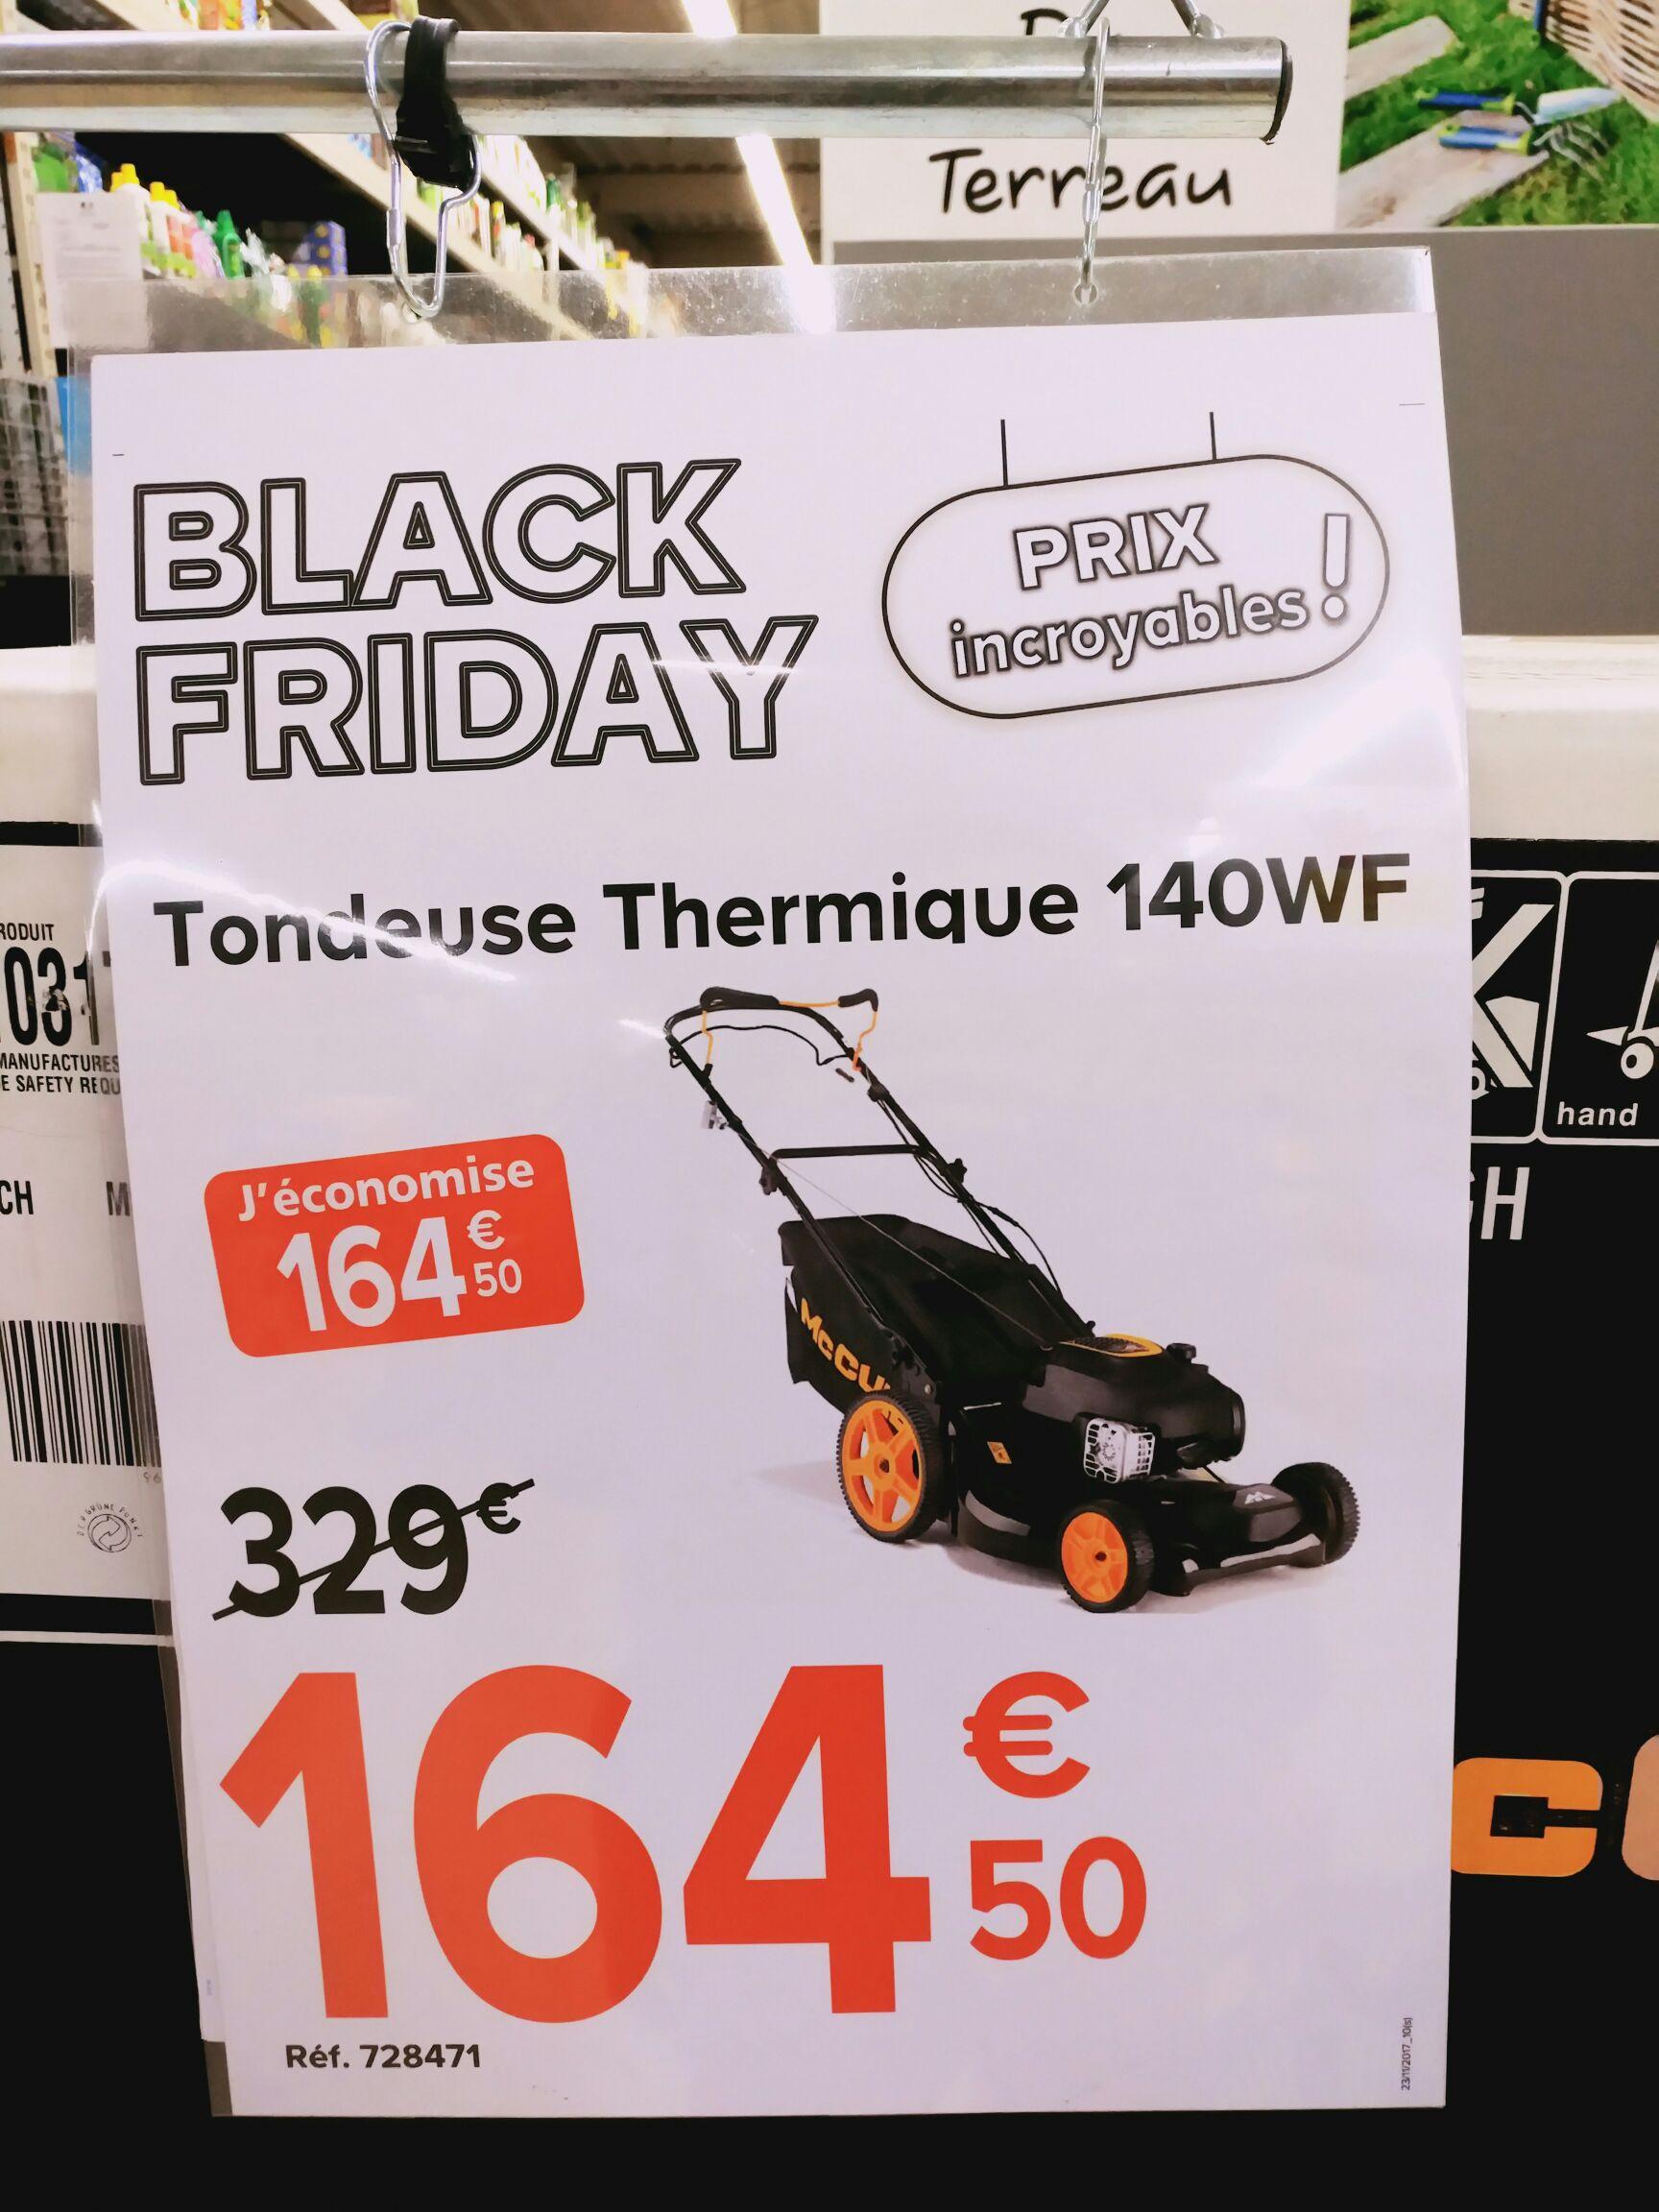 Tondeuse thermique tract e m53 140wf mccullochtondeuse thermique tract e m53 140wf mcculloch - Castorama tondeuse thermique ...